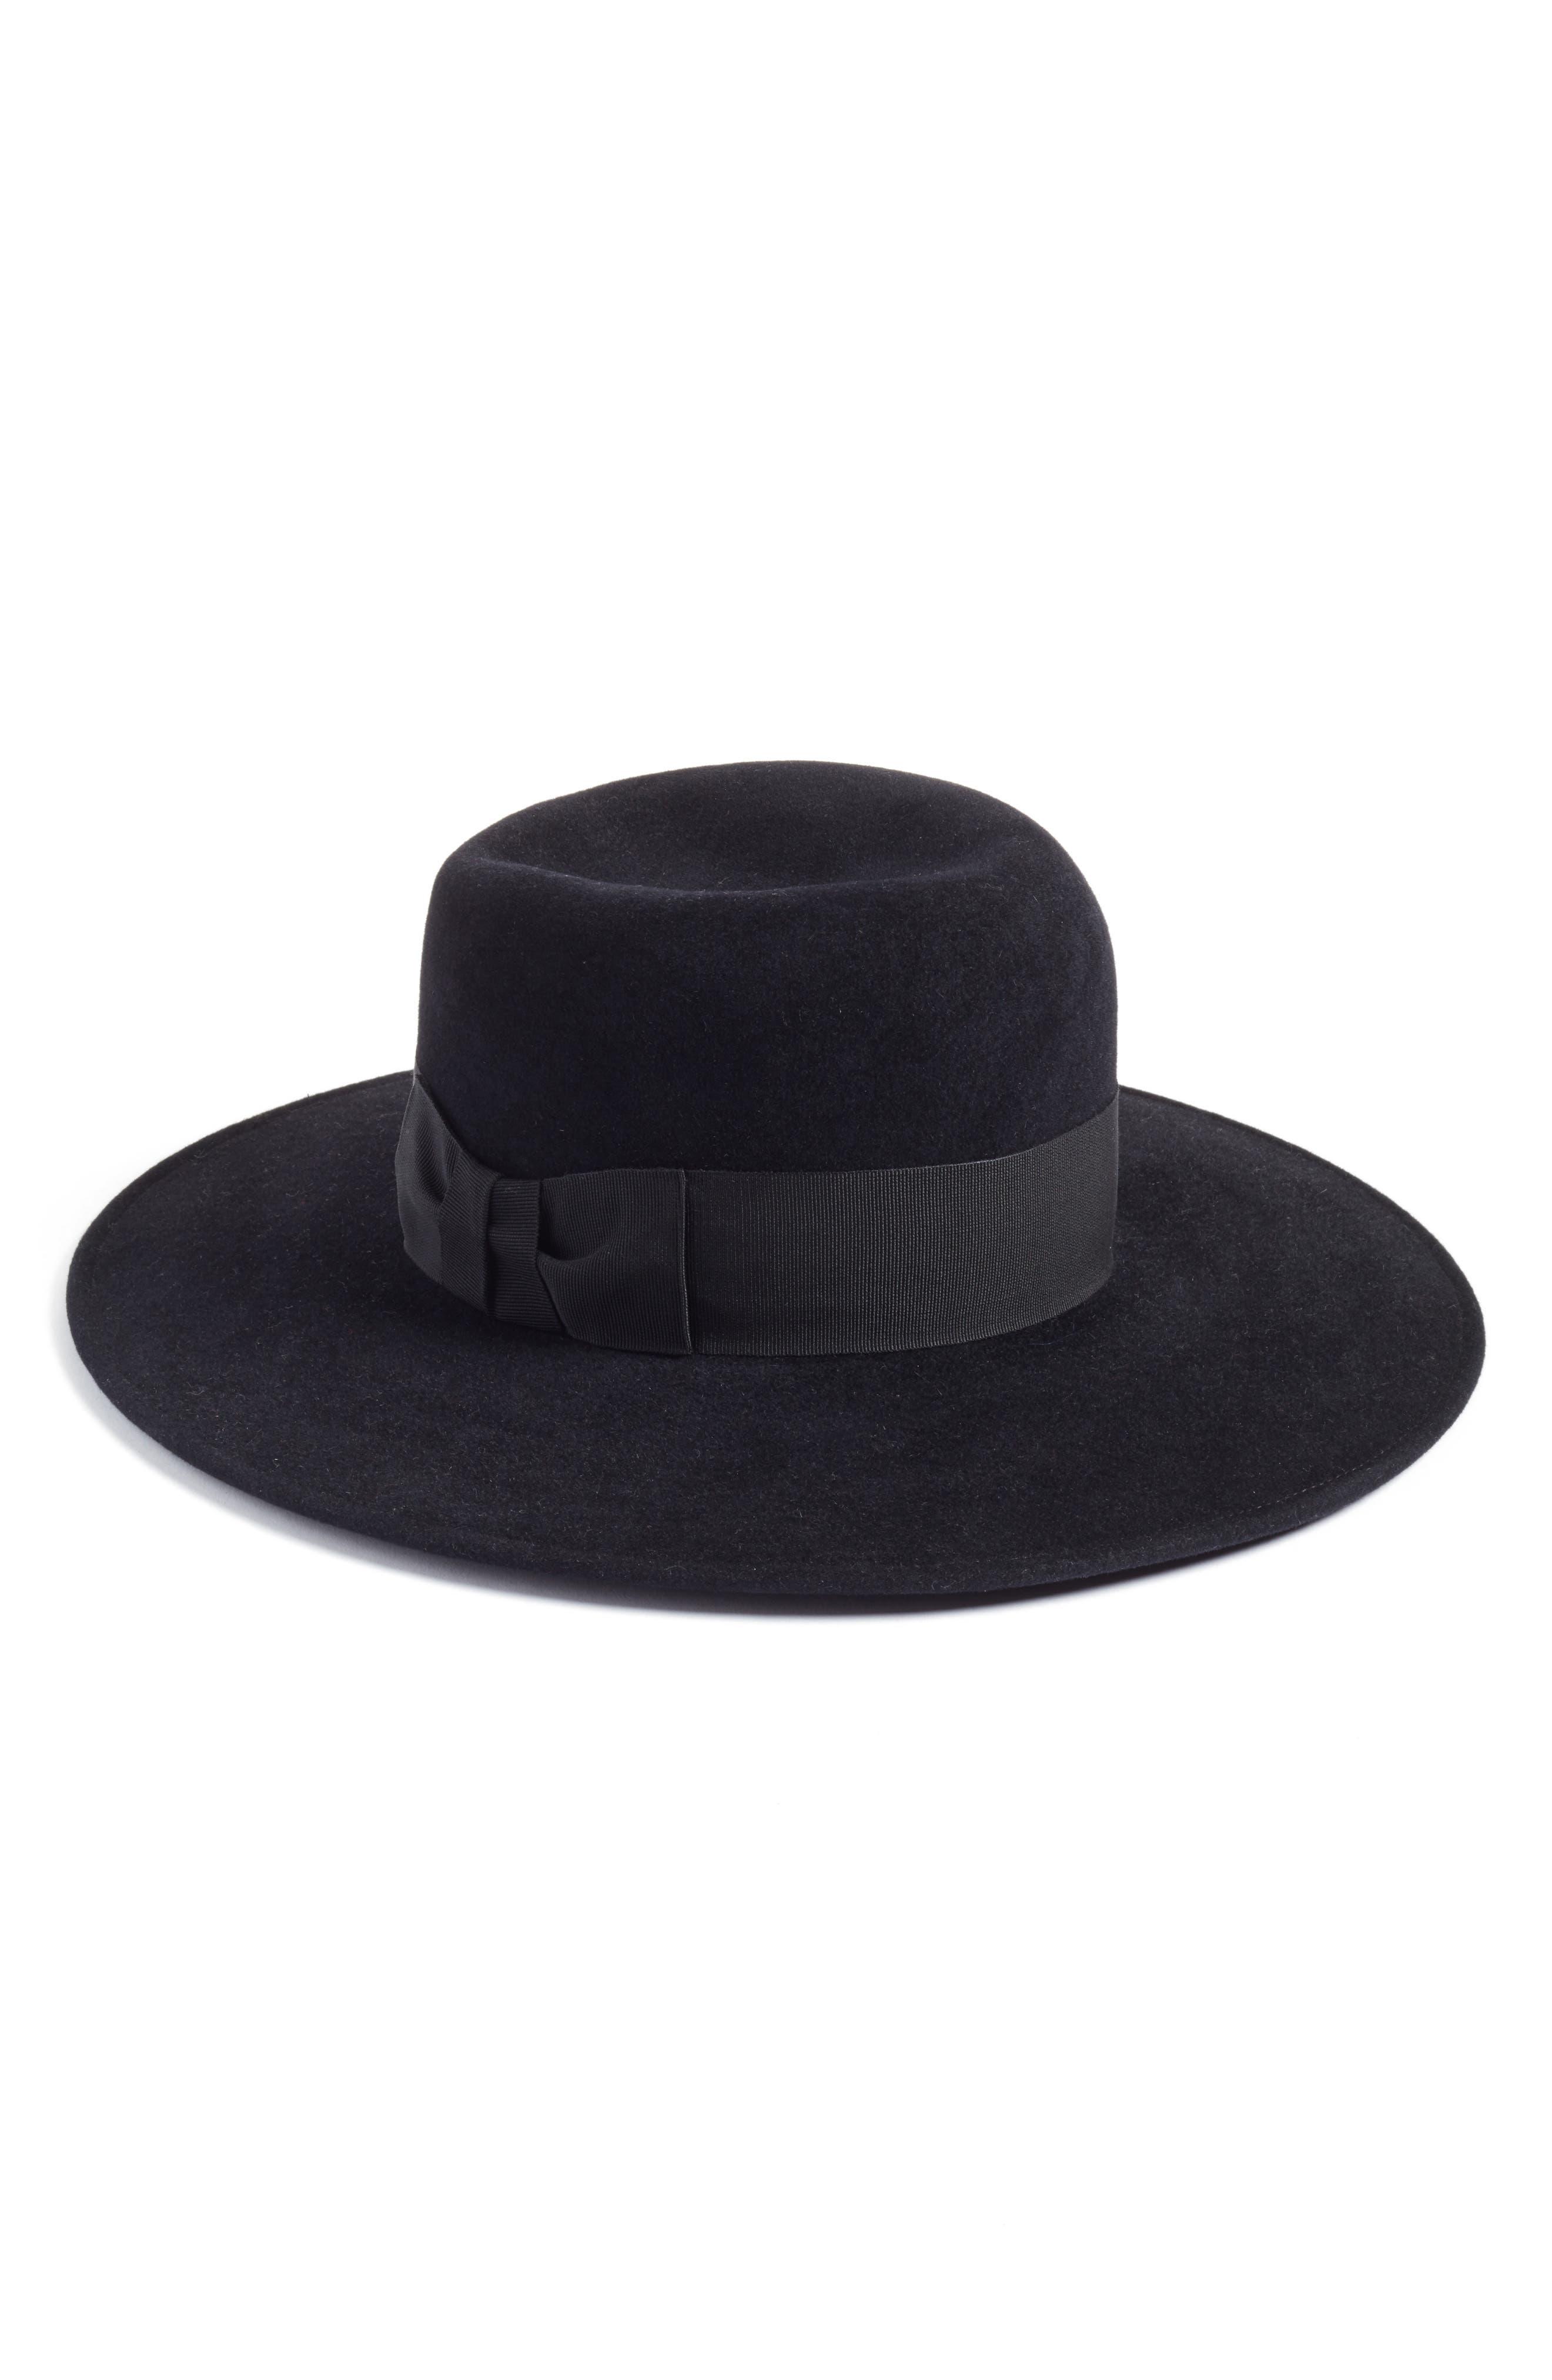 Velour Padre Fur Felt Wide Brim Hat,                         Main,                         color, 001